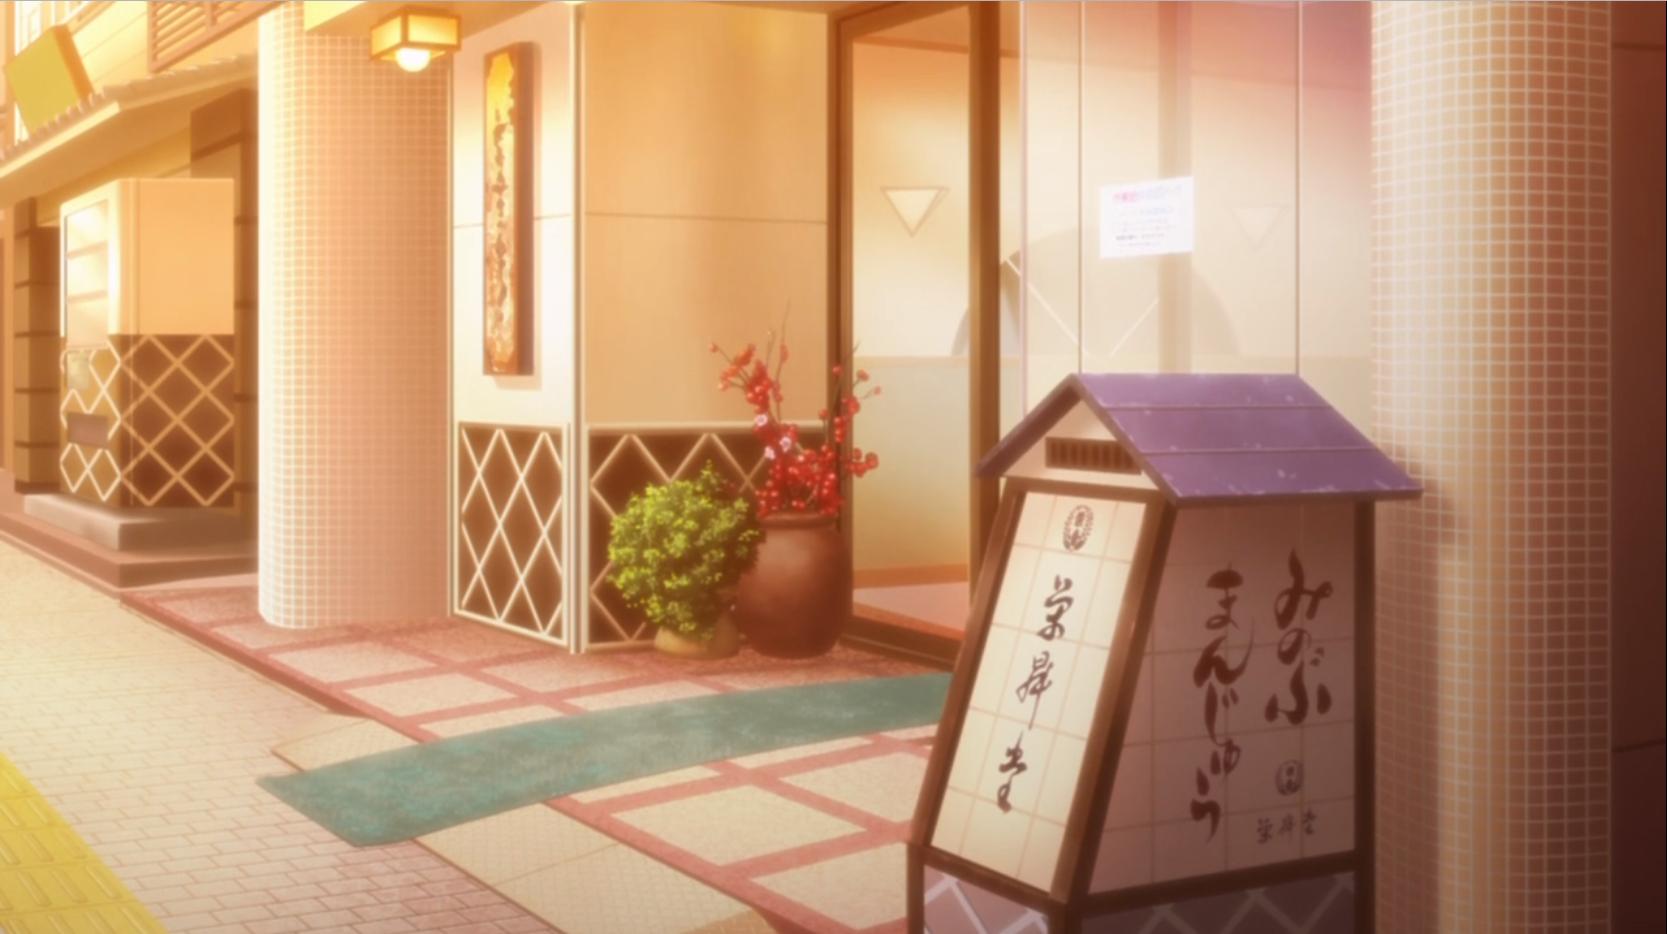 アニメ『ゆるキャン△』8話の身延饅頭 栄昇堂